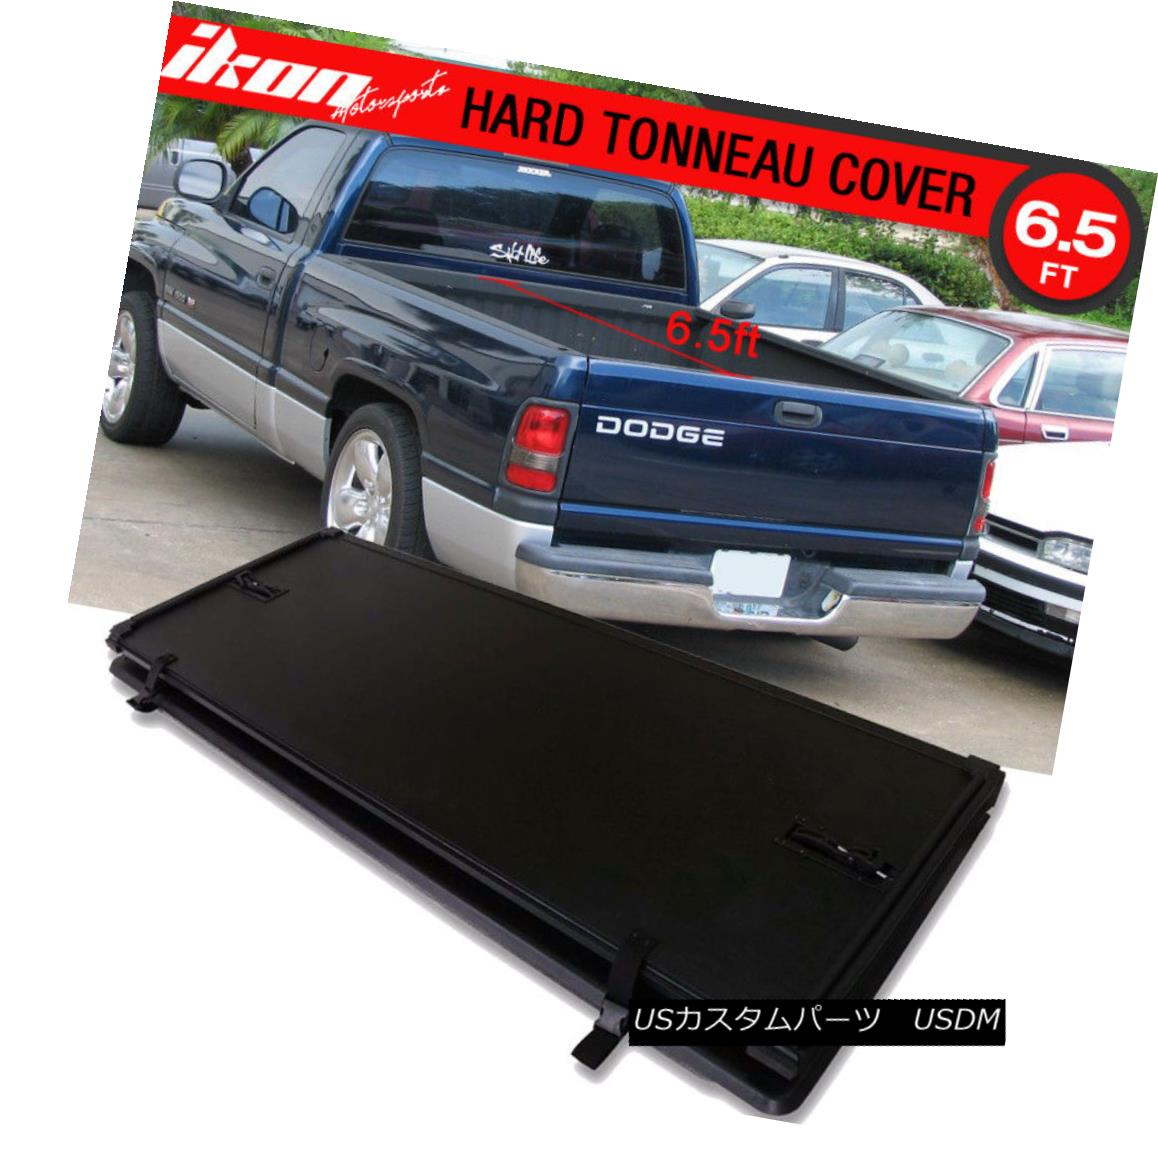 エアロパーツ Fits 94-02 Dodge Ram 2500 3500 6.5ft Bed Lock Tri-Fold Hard Solid Tonneau Cover フィット94-02ダッジラム2500 3500 6.5ftベッドロックトライフォールドハードソリッドトノーカバー